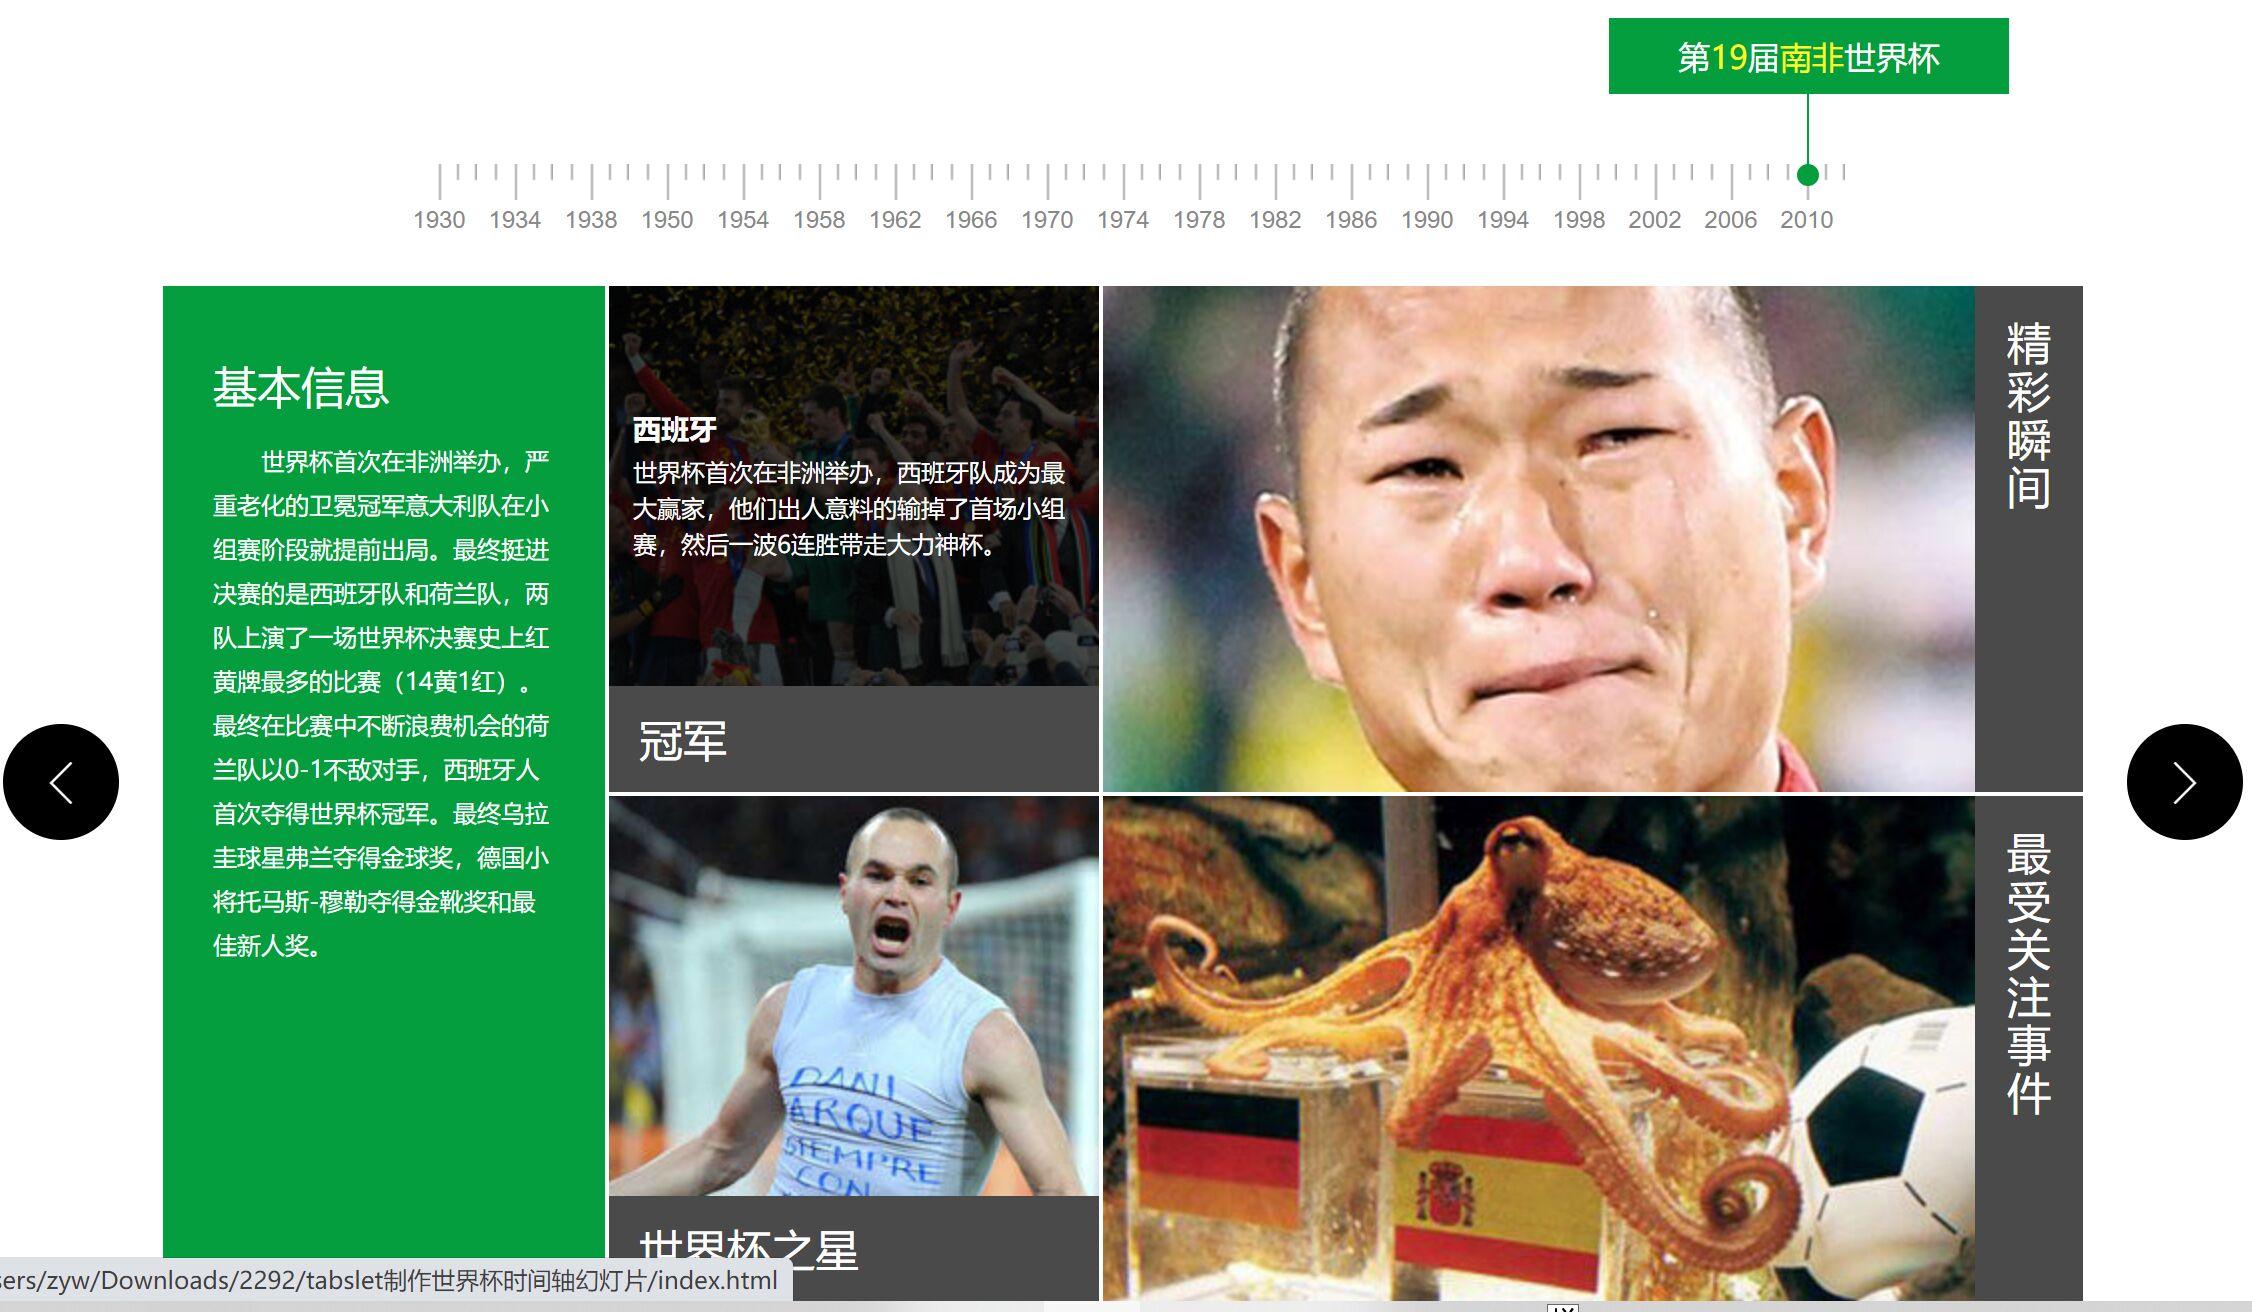 酷炫的世界杯时间轴幻灯片特效